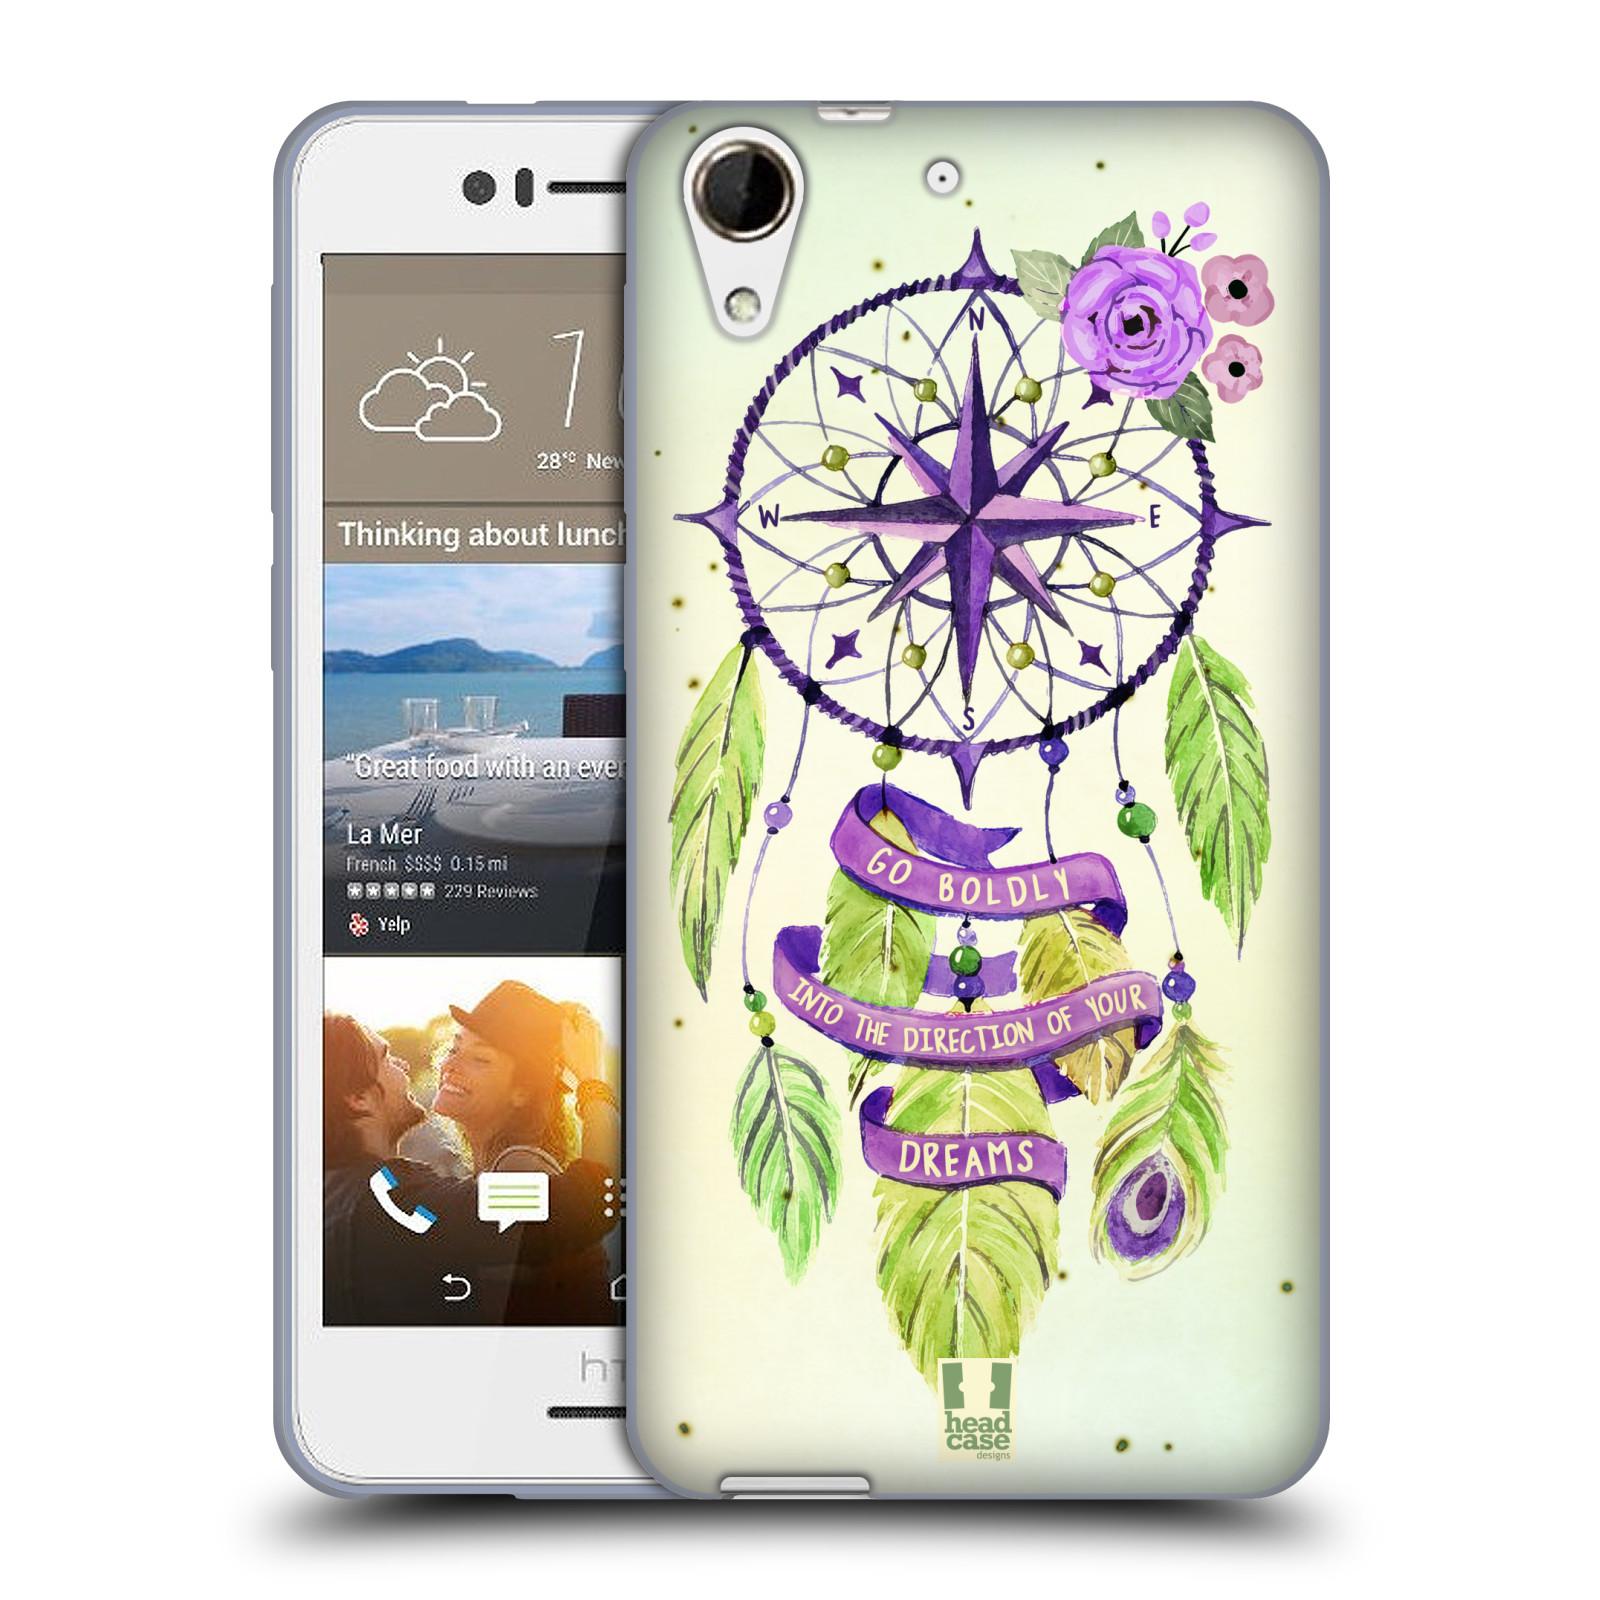 Silikonové pouzdro na mobil HTC Desire 728G Dual SIM HEAD CASE Lapač Assorted Compass (Silikonový kryt či obal na mobilní telefon HTC Desire 728 G Dual SIM)